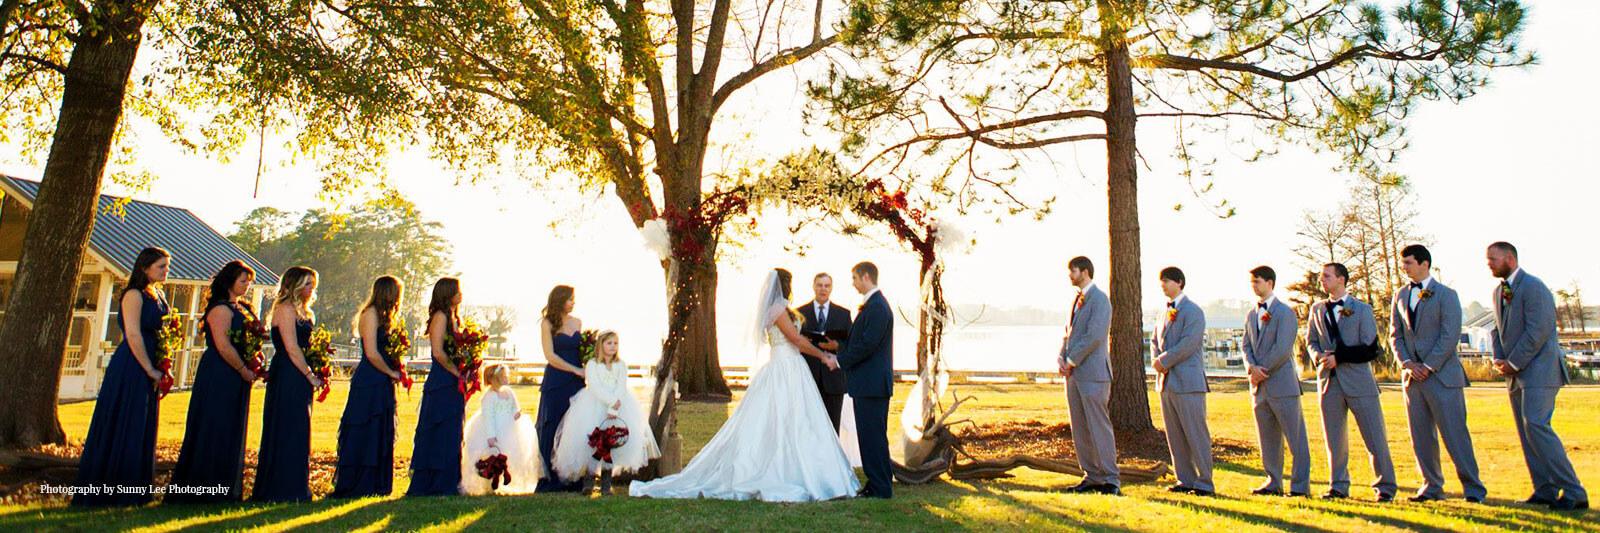 Lake-Blackshear-Lake-Resort-Weddings-Weddings-Wedding-Gallery-1